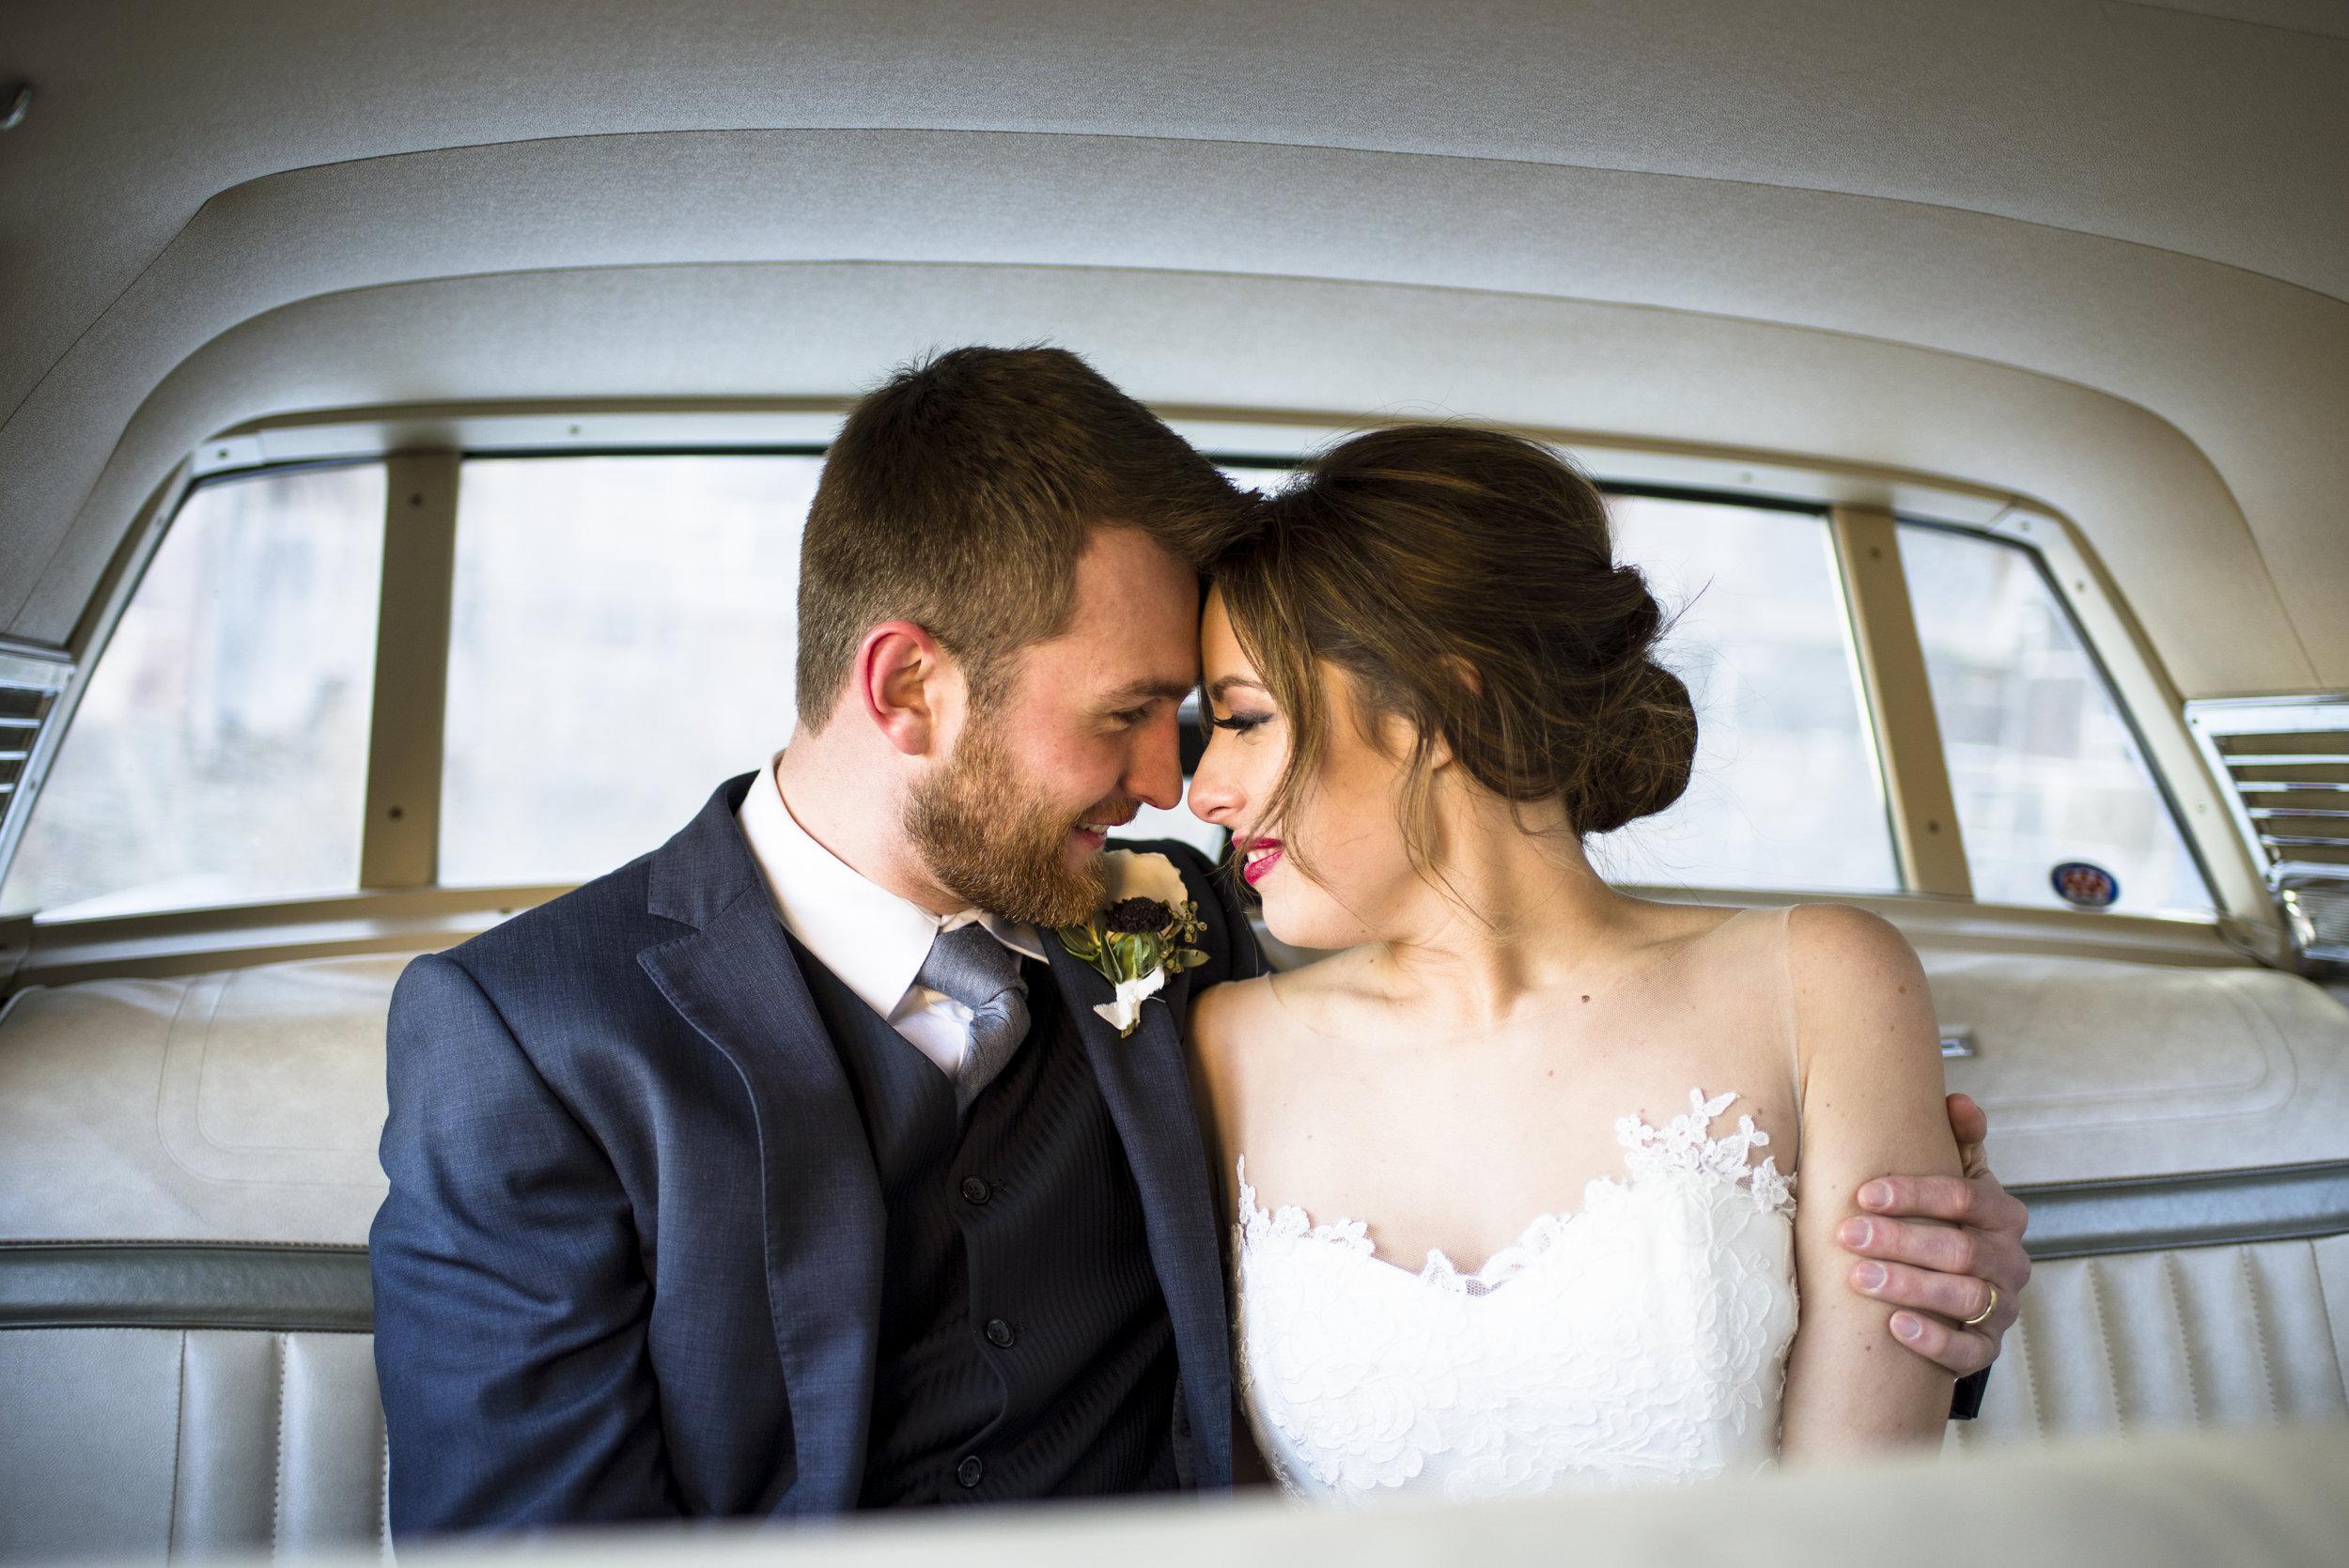 Wedding photos in old fashioned car